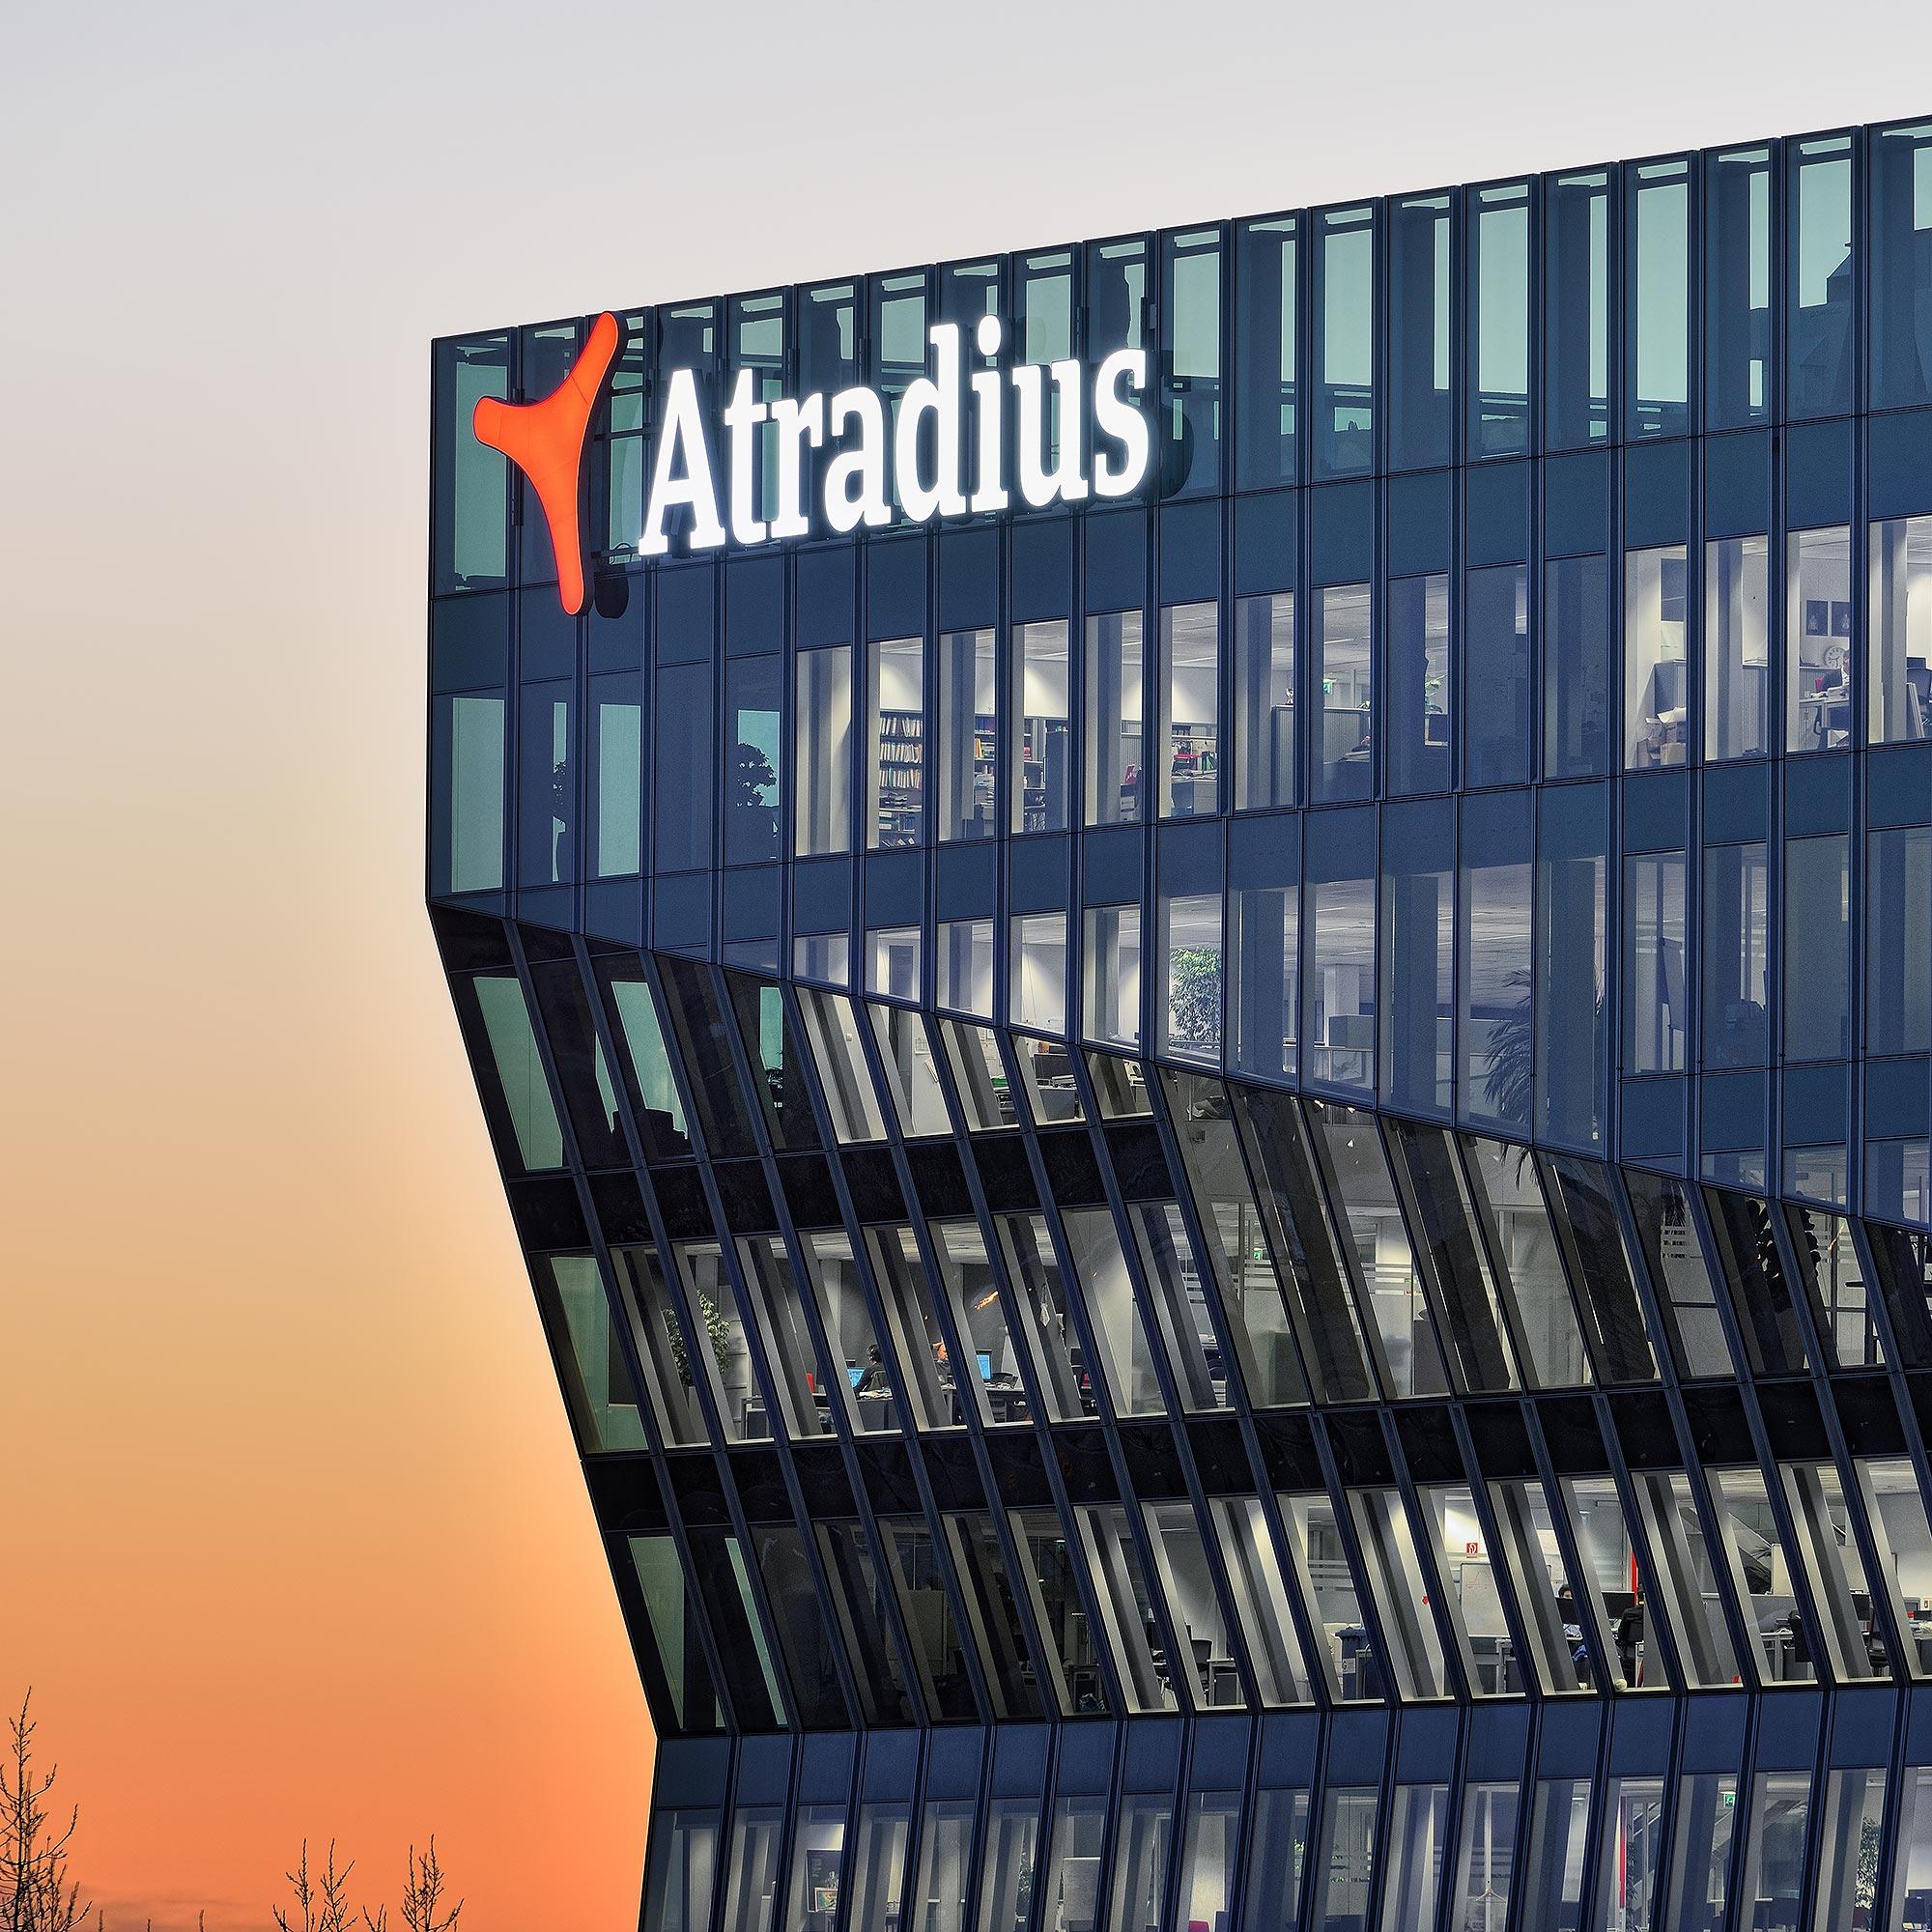 Atradius kantoor, Amsterdam - Atradius Group - architectuur fotograaf Chiel de Nooyer